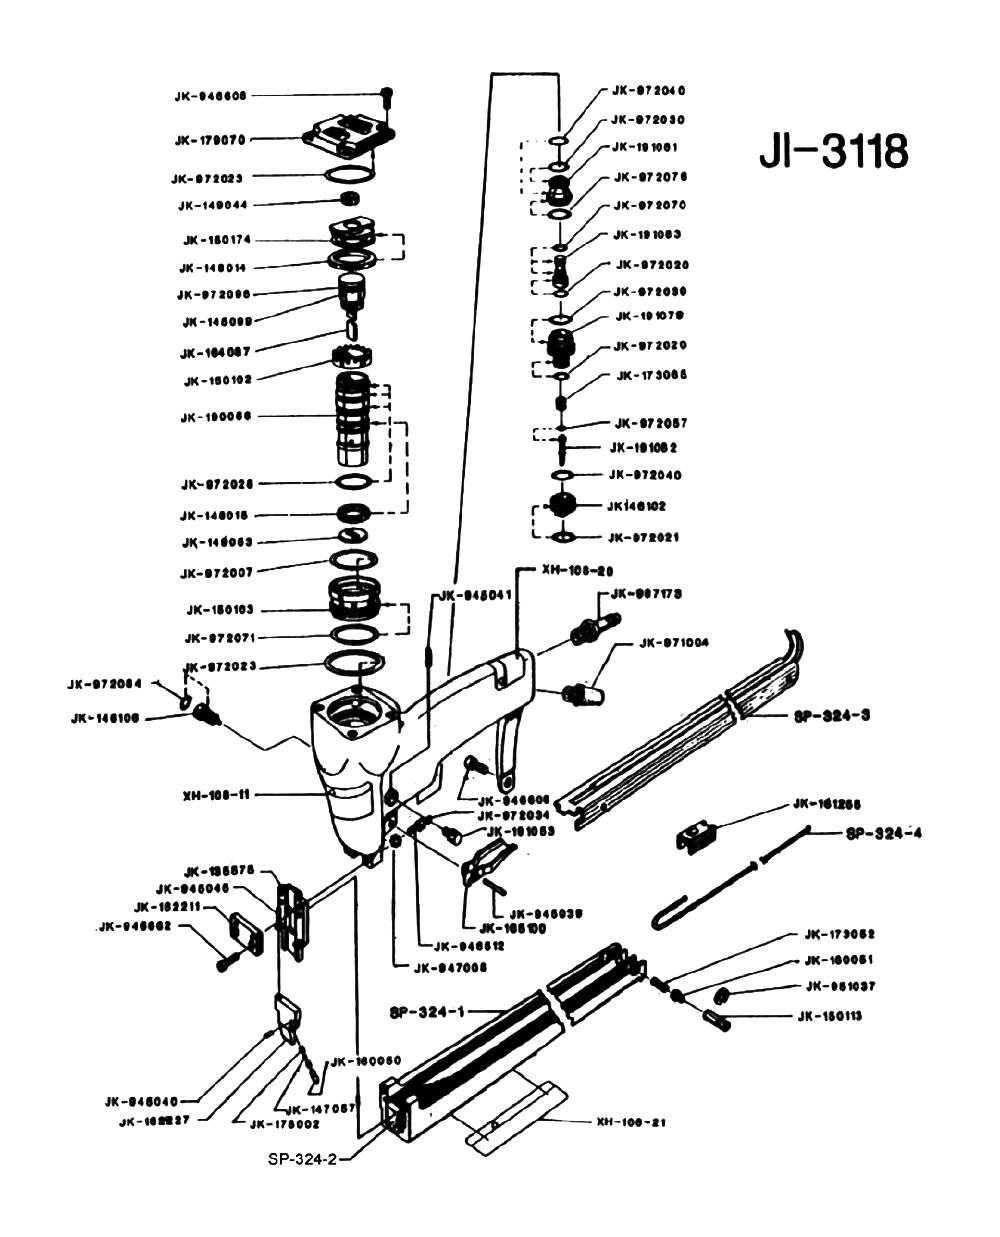 Duo-Fast JI-3118 Parts